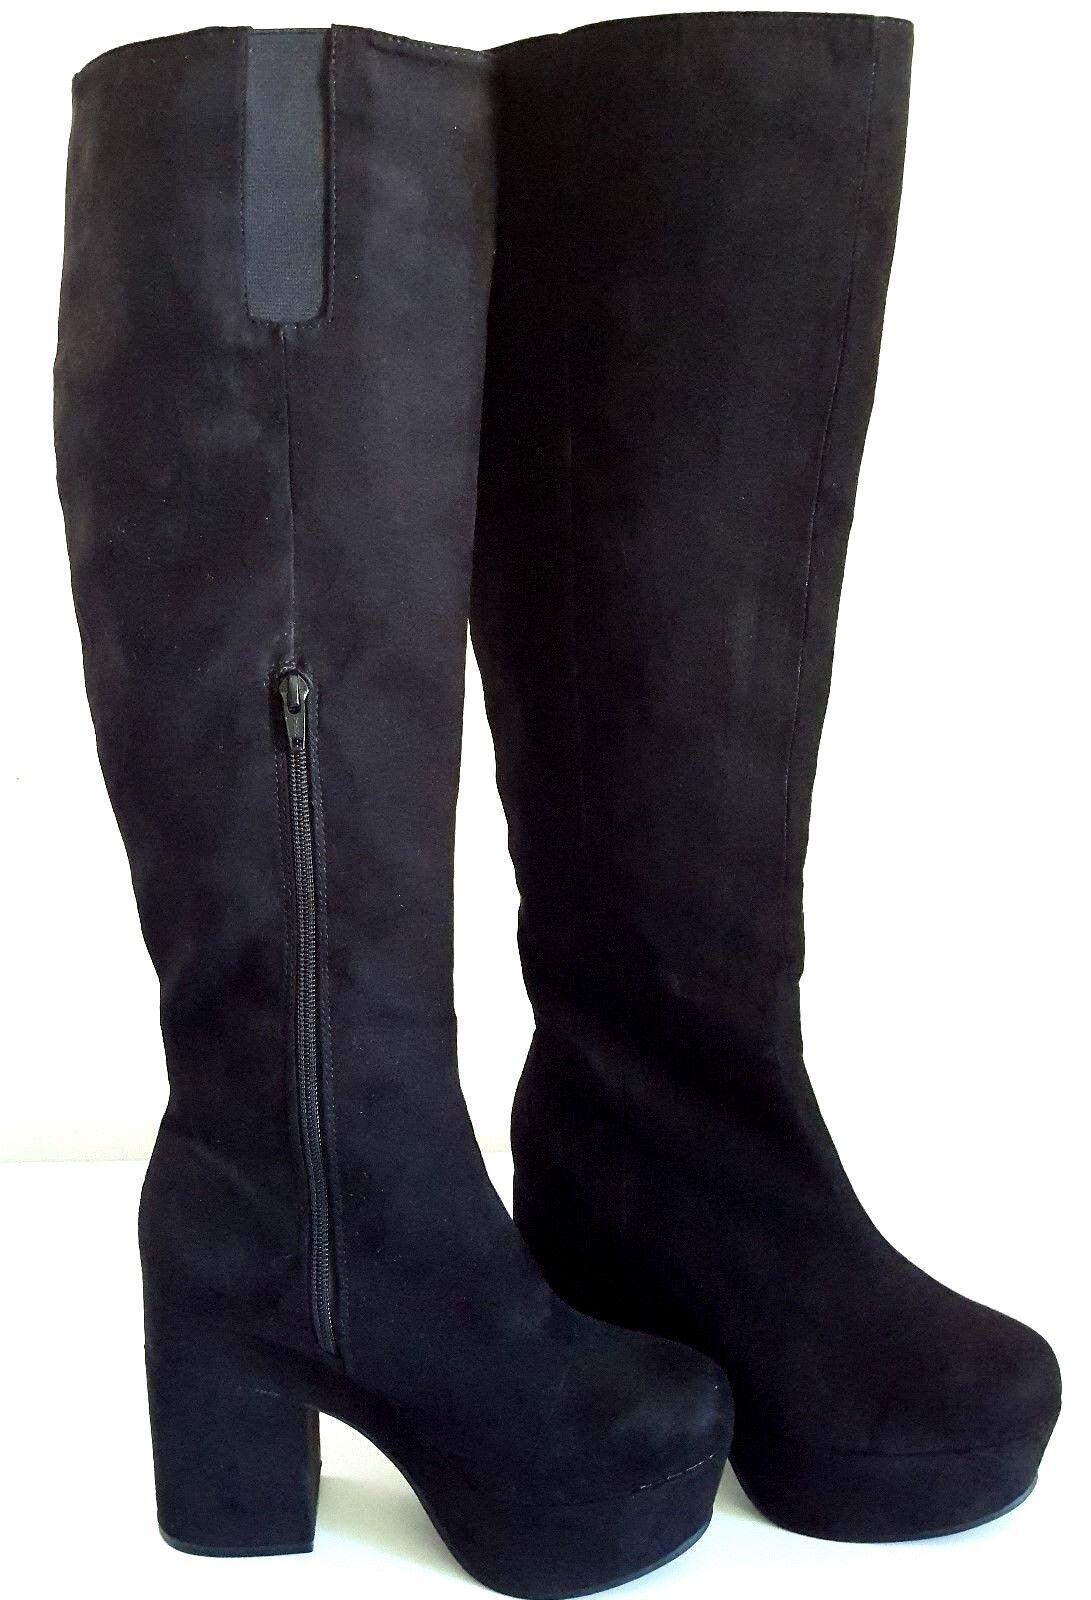 H&m divisé – Femme Bloc Talon Daim-Like noir sur-le-Genou bottes-Taille  7